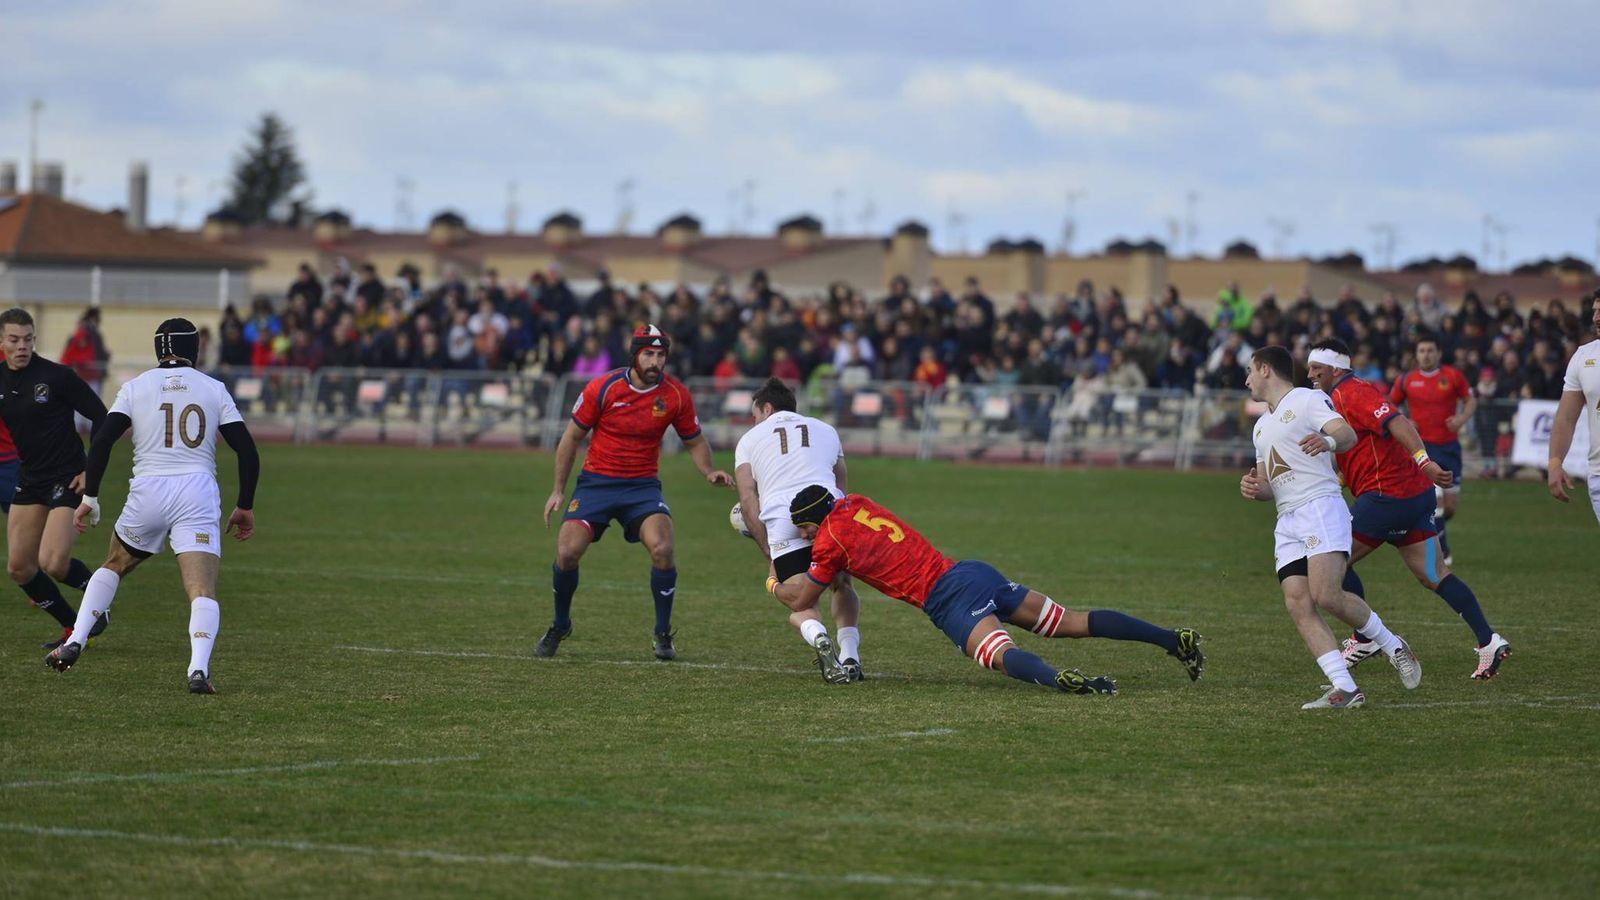 Foto: Más de 7.000 espectadores presenciaron el partido en Medina del Campo (Foto: Federación Española de Rugby)